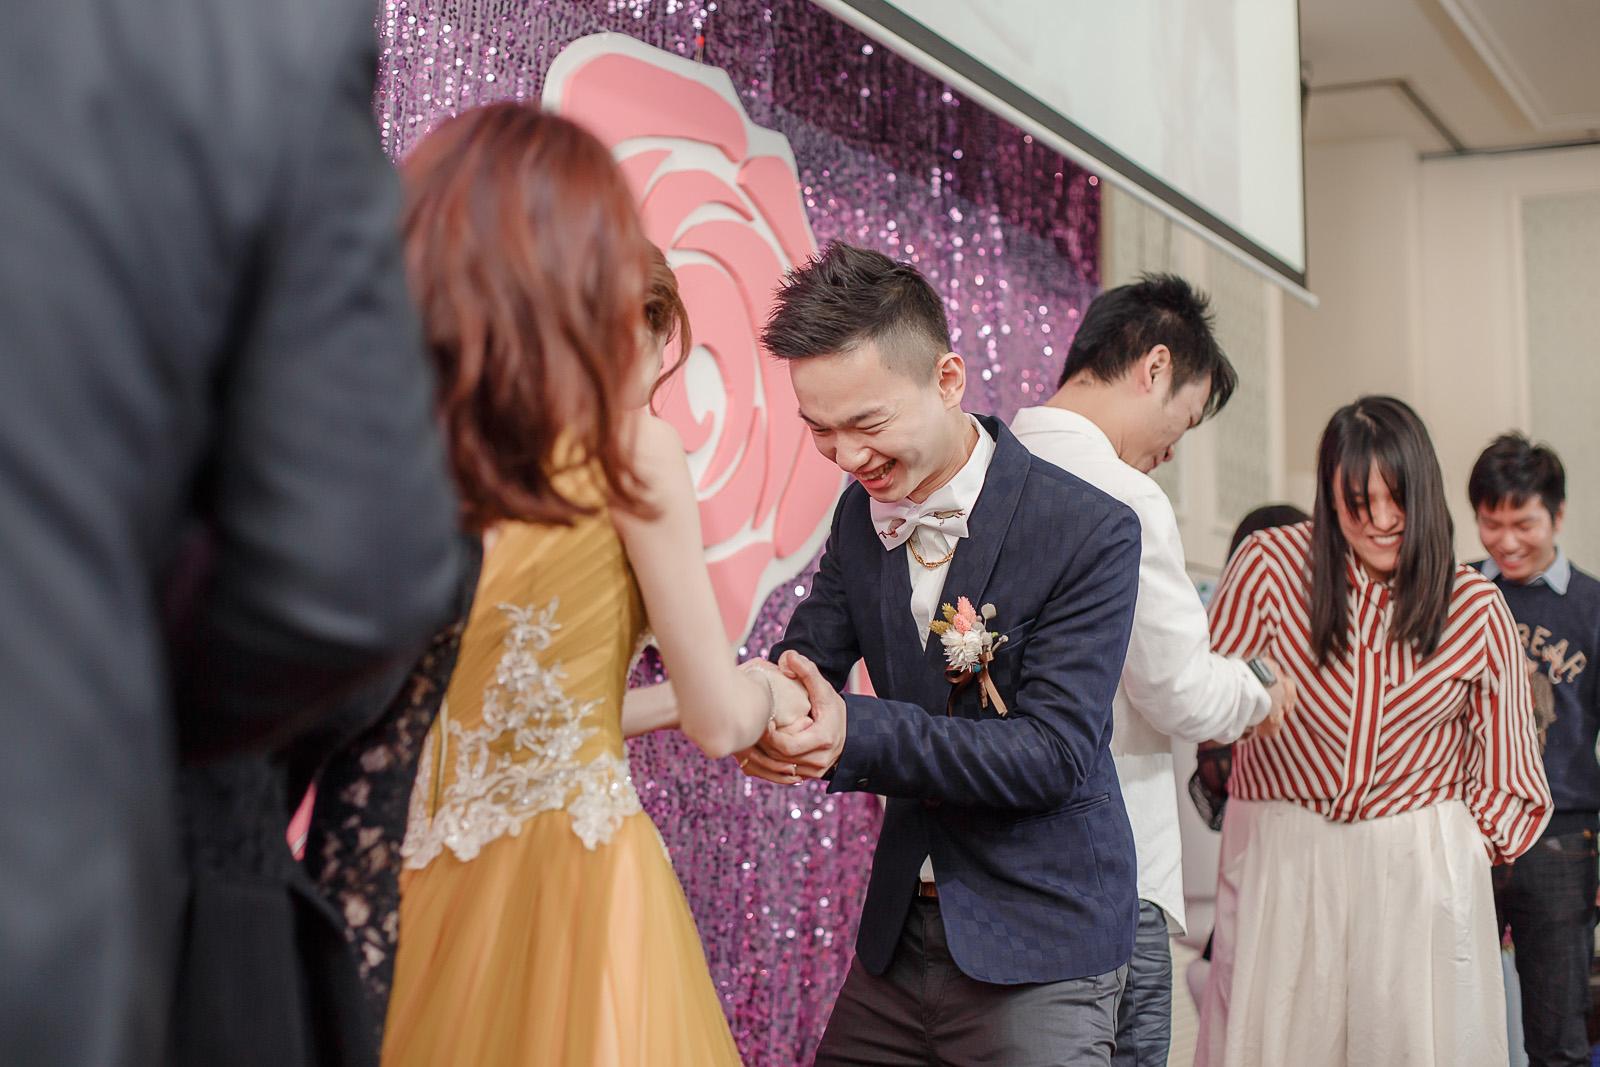 高雄圓山飯店,婚禮攝影,婚攝,高雄婚攝,優質婚攝推薦,Jen&Ethan-296